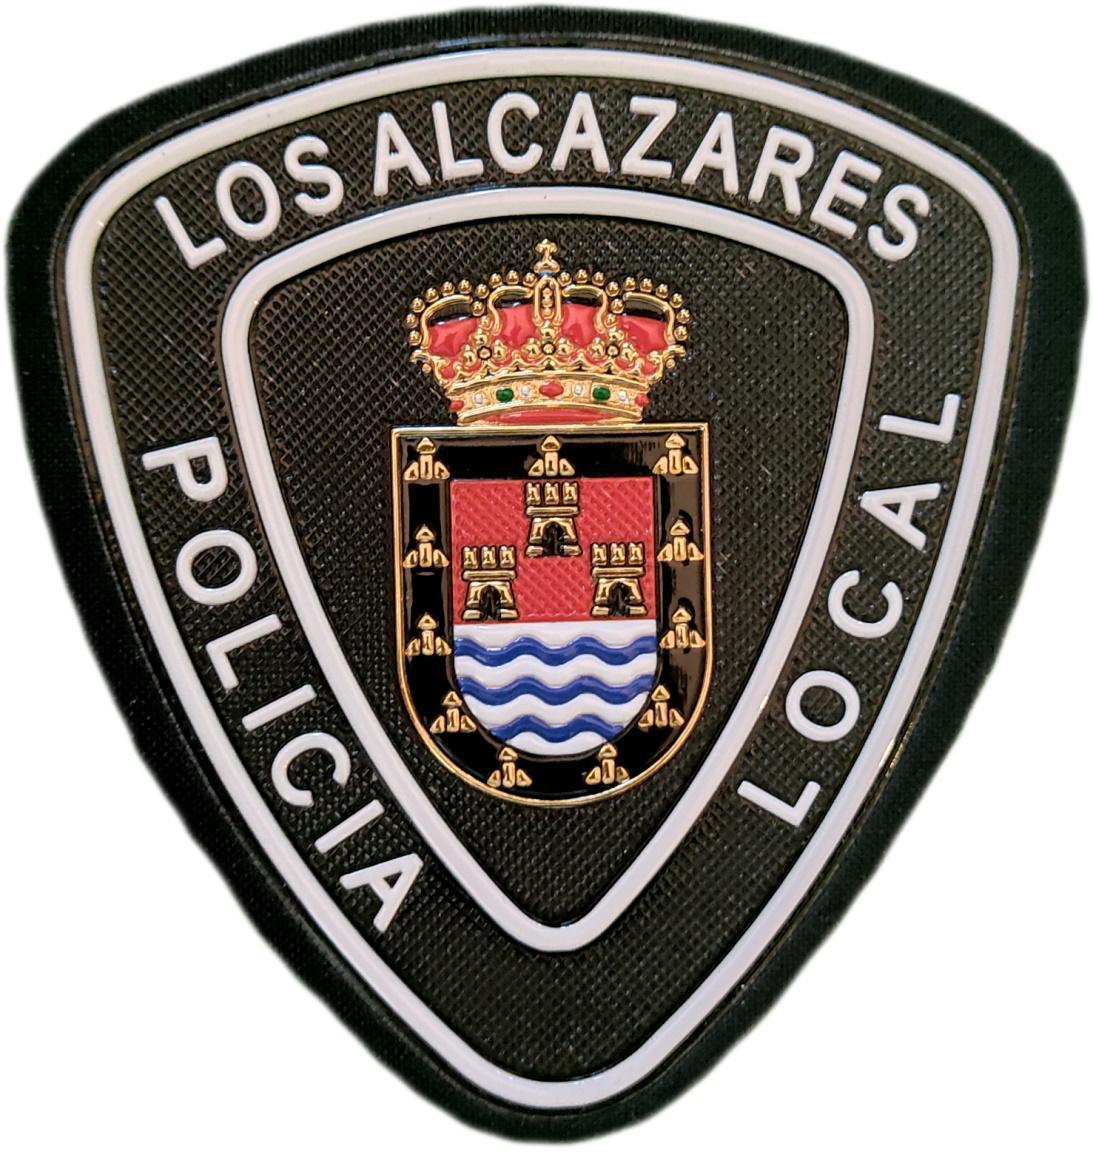 Policía Local Los Alcázares Murcia parche insignia emblema distintivo